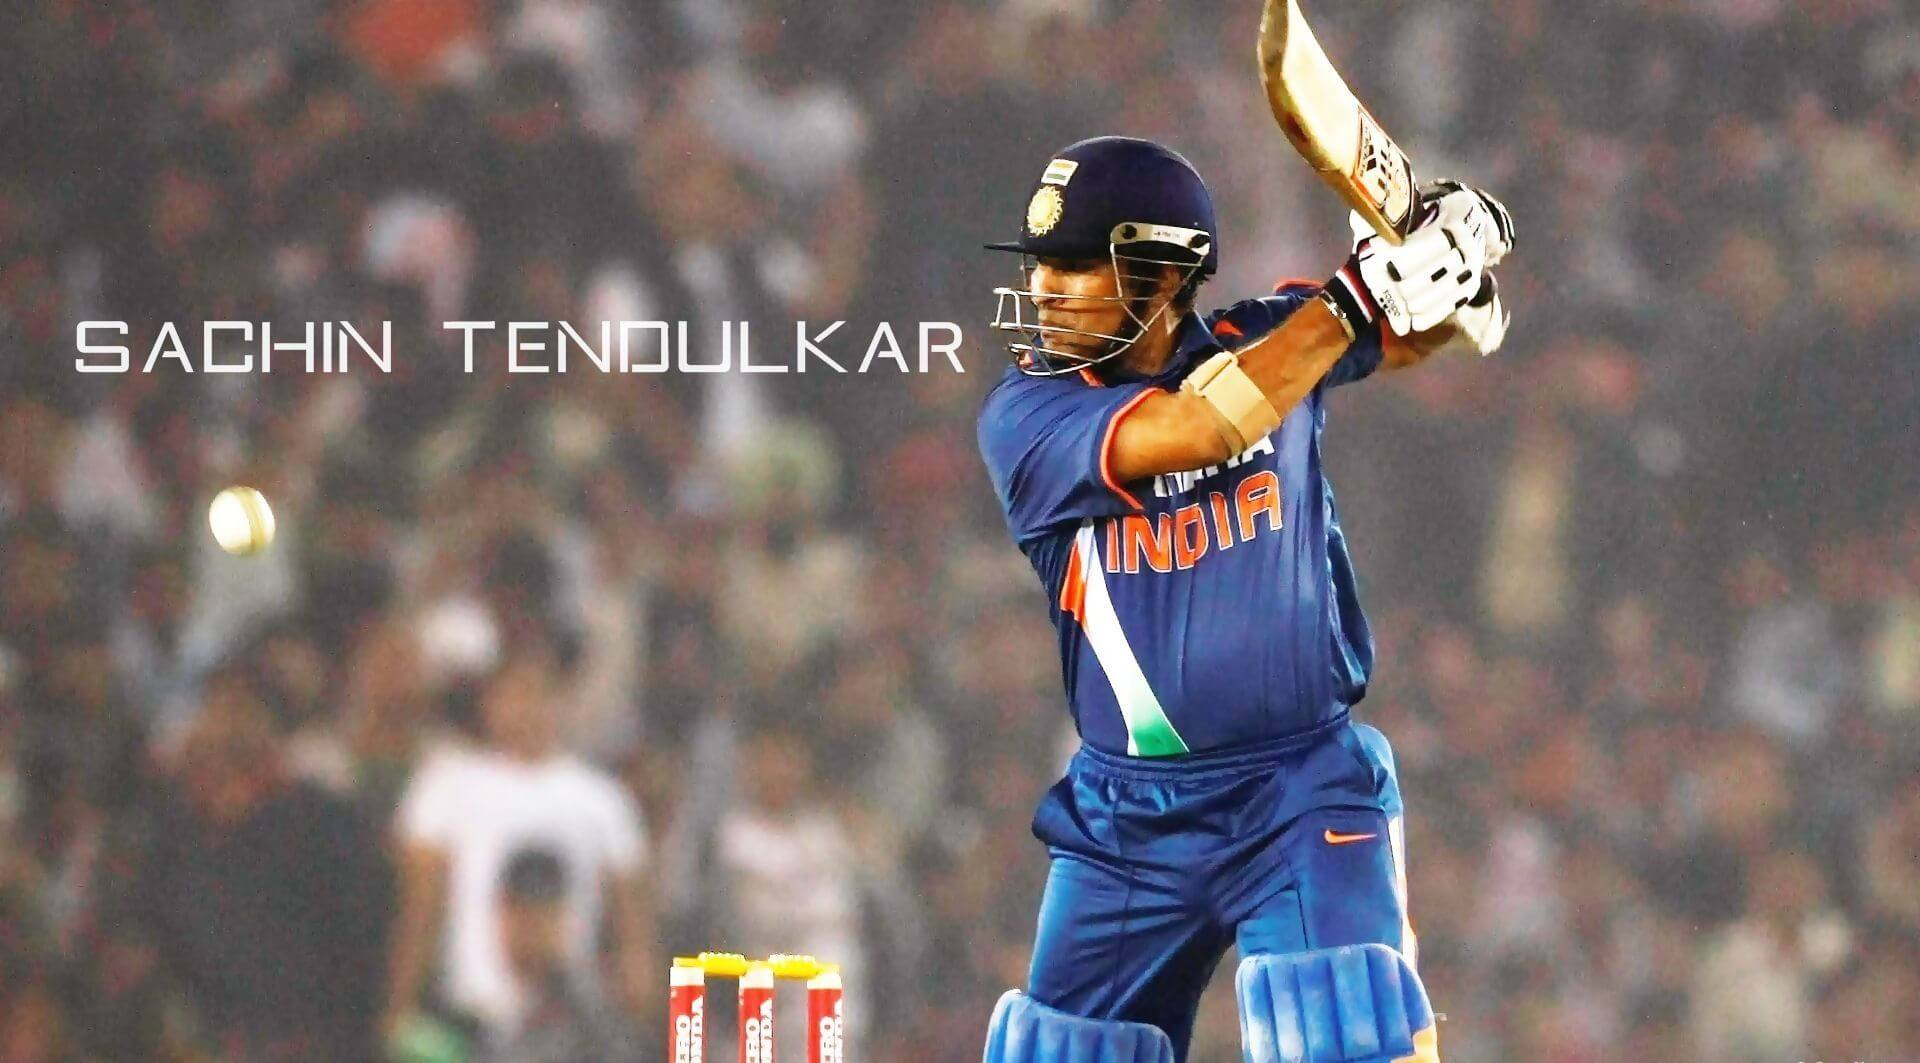 Sachin Tendulkar ODI Records